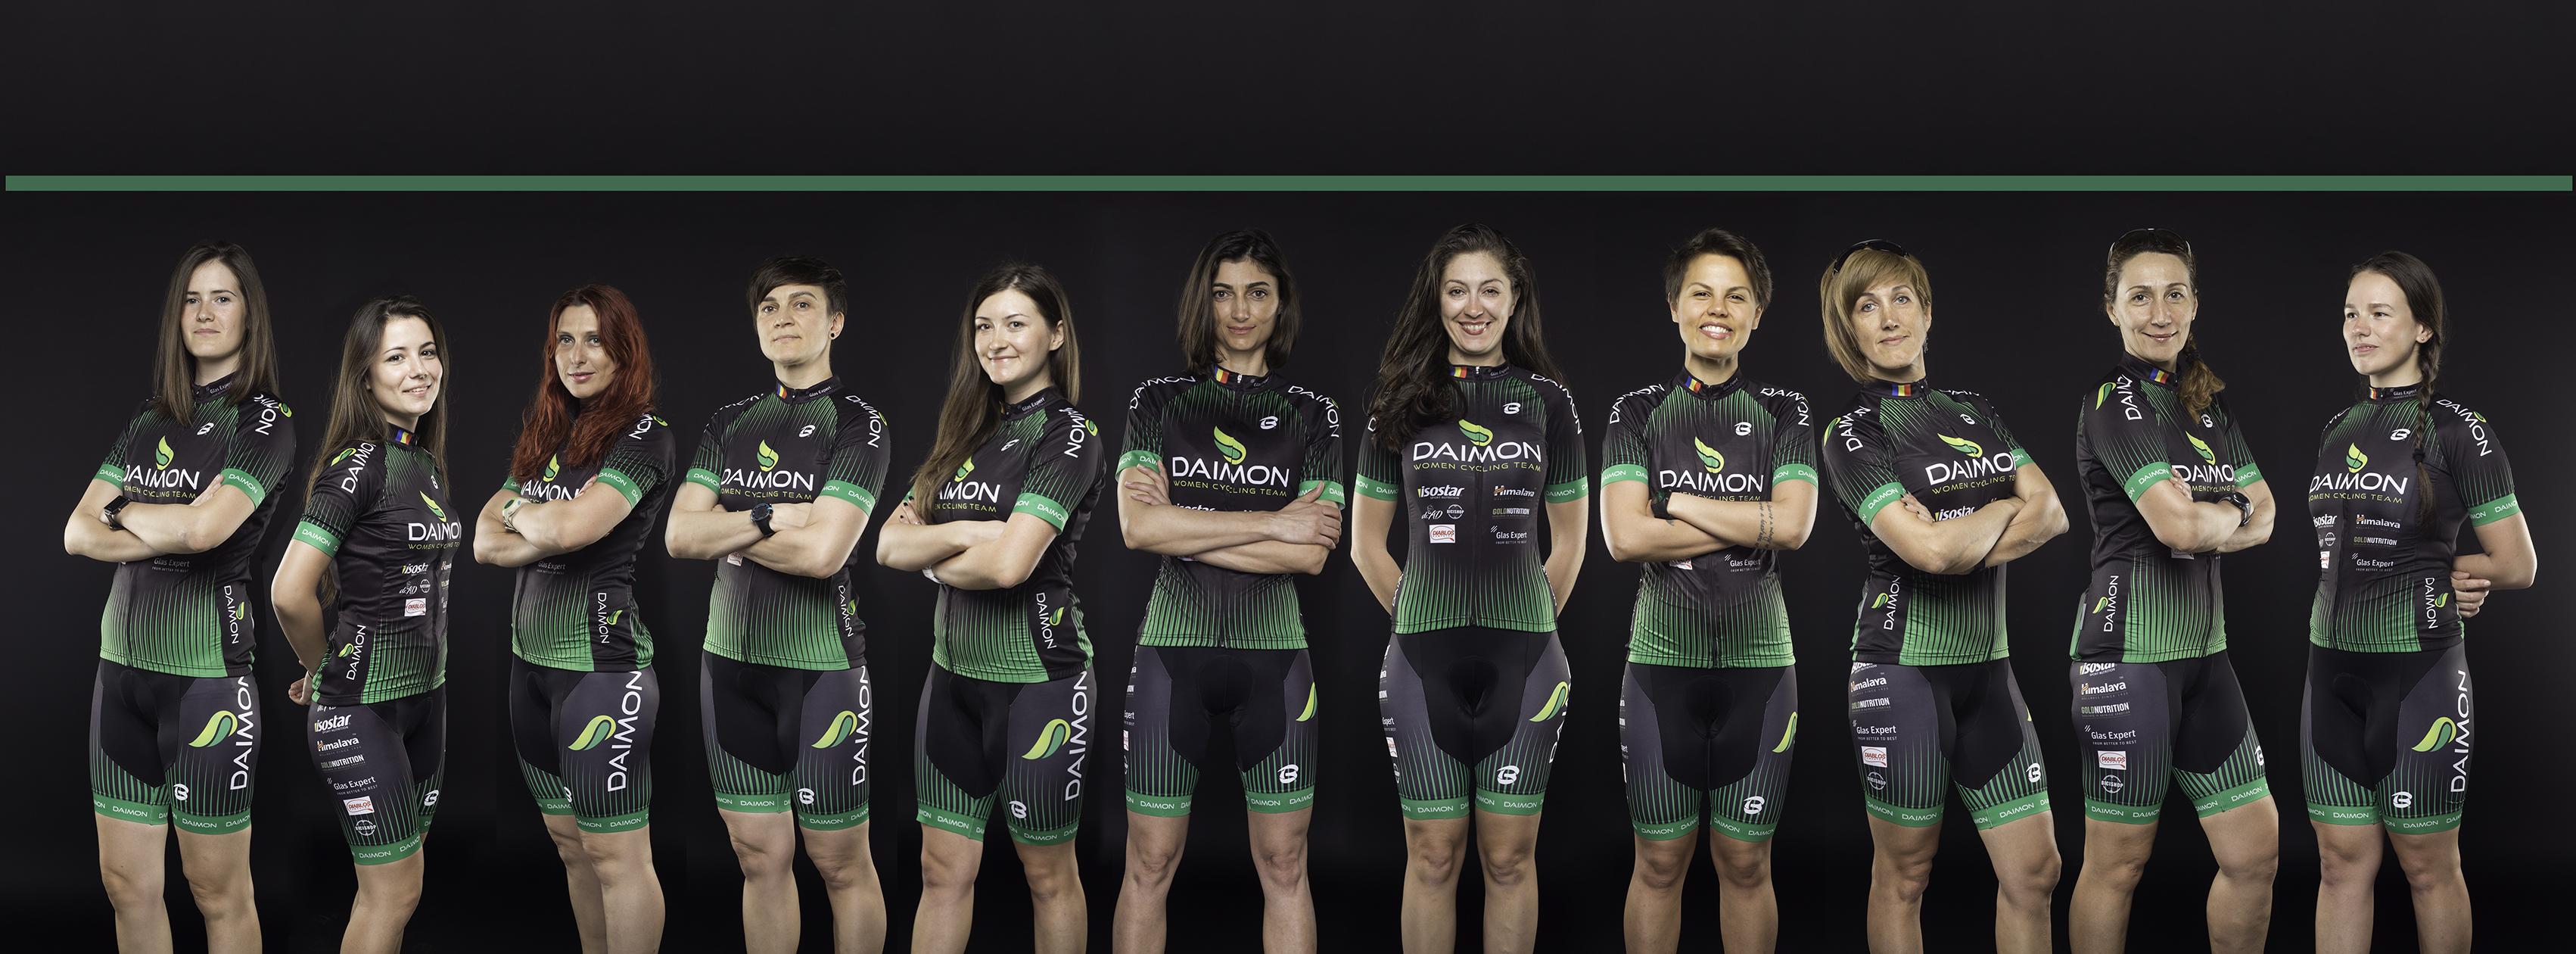 Daimon Women Cycling Team